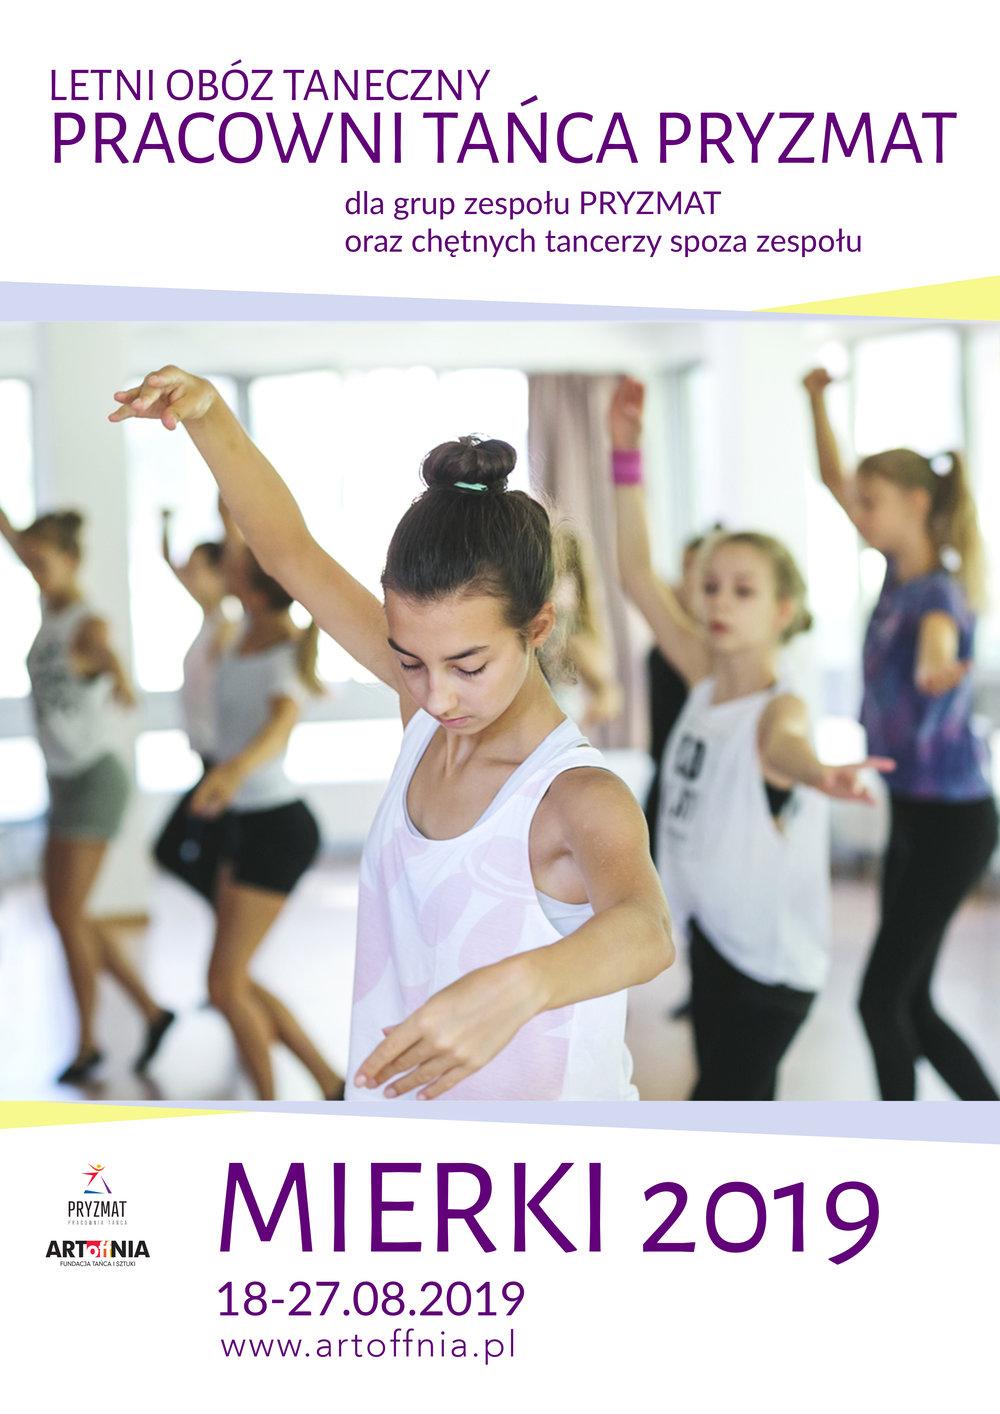 letni obóz taneczny poster4a.jpg